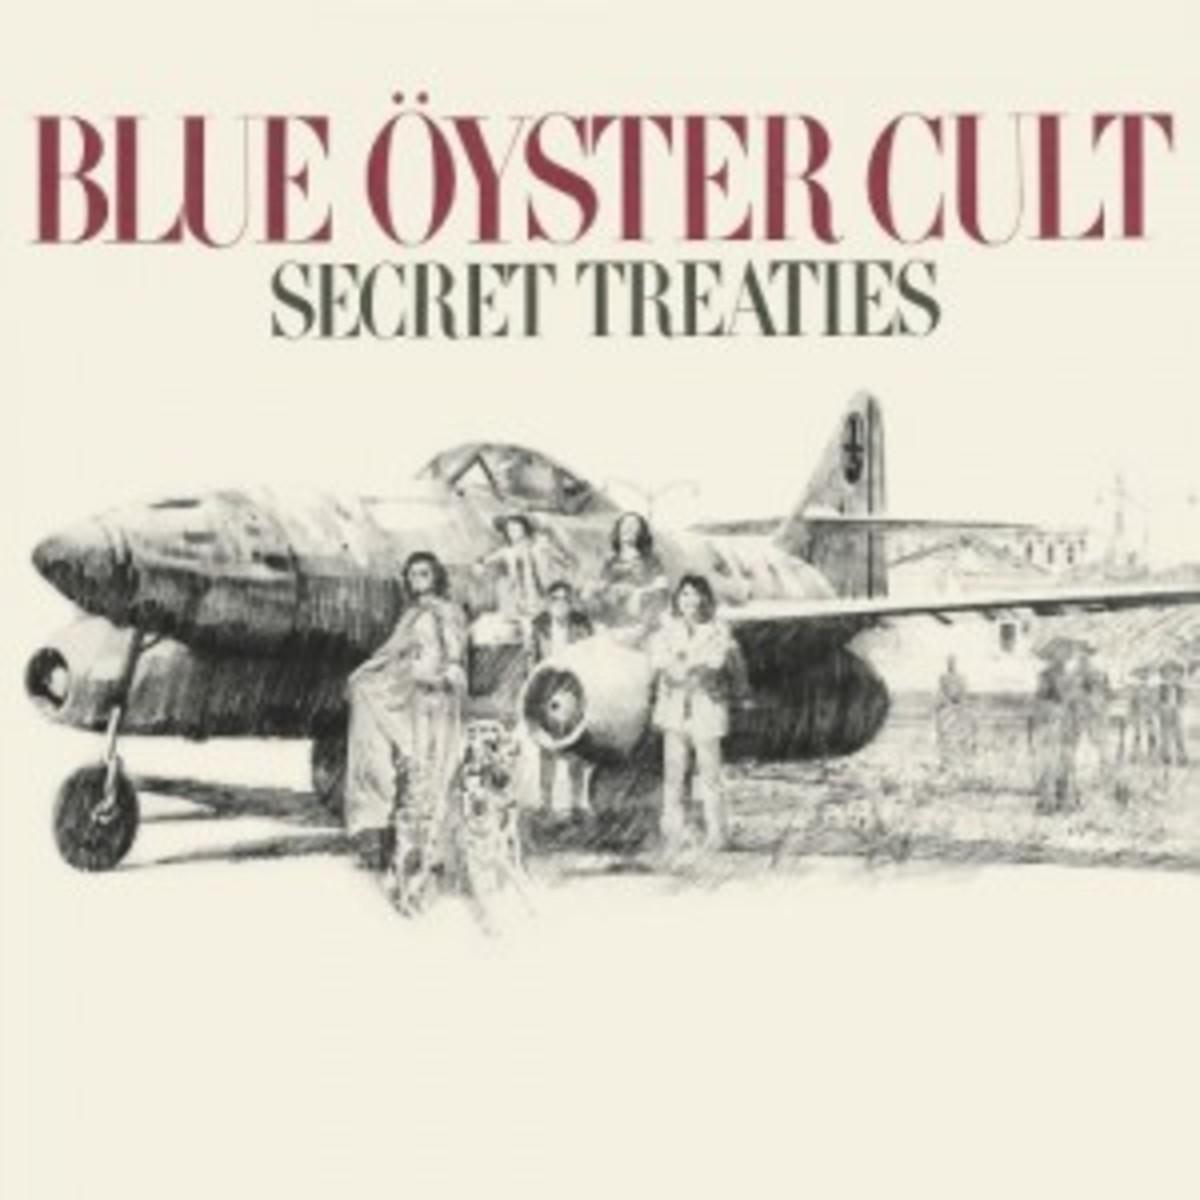 BlueOysterCult_SecretTreaties